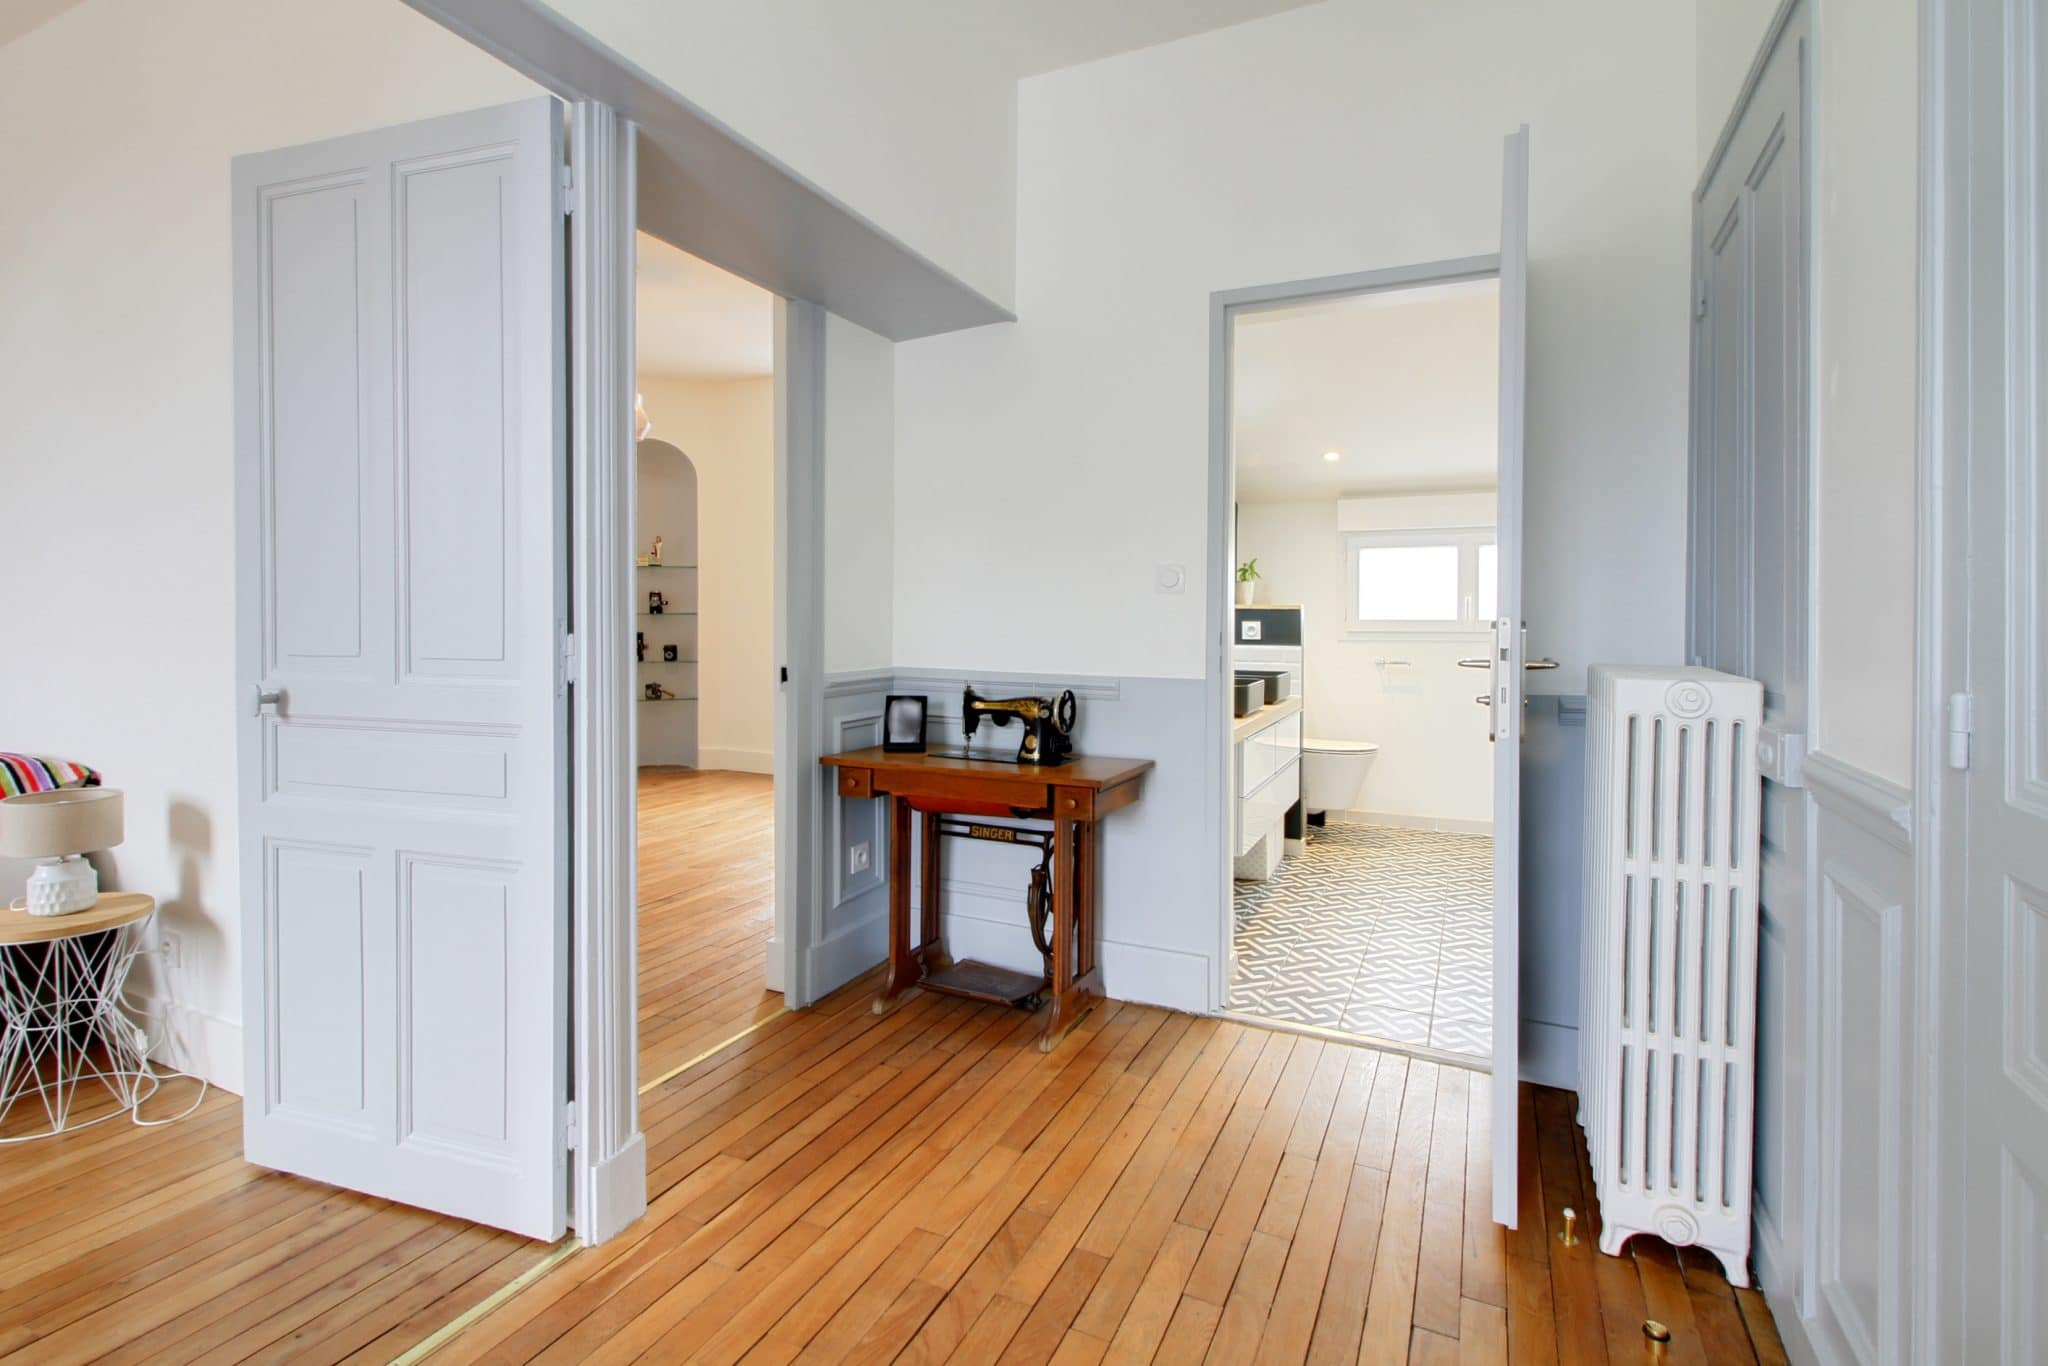 Rénovation de maison à Dijon (21)